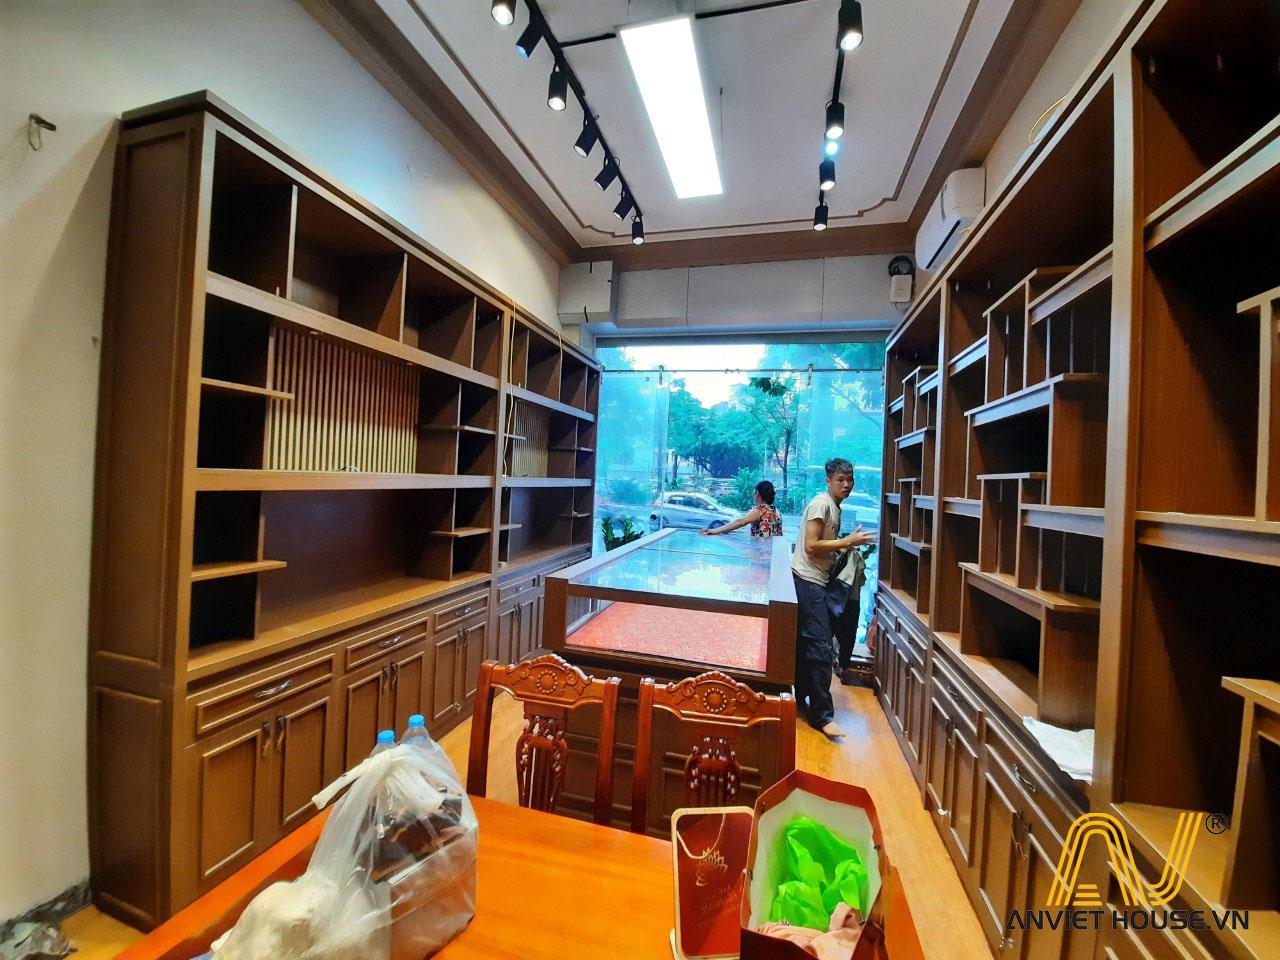 Hệ tủ trưng bày cửa hàng trầm hương Kim Liên